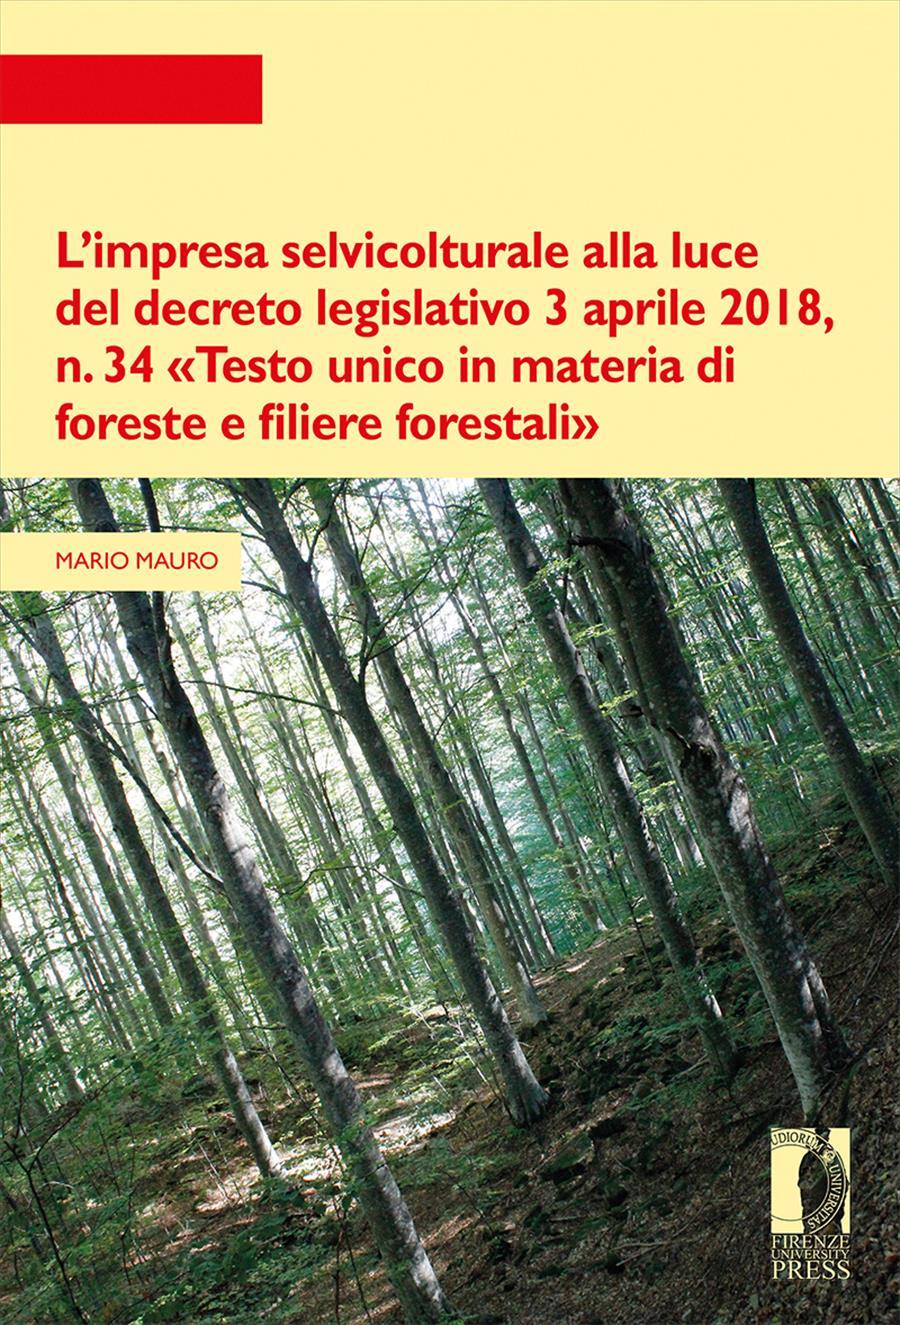 """L'impresa selvicolturale alla luce del decreto legislativo 3 aprile 2018, n. 34 """"Testo unico in materia di foreste e filiere forestali"""""""